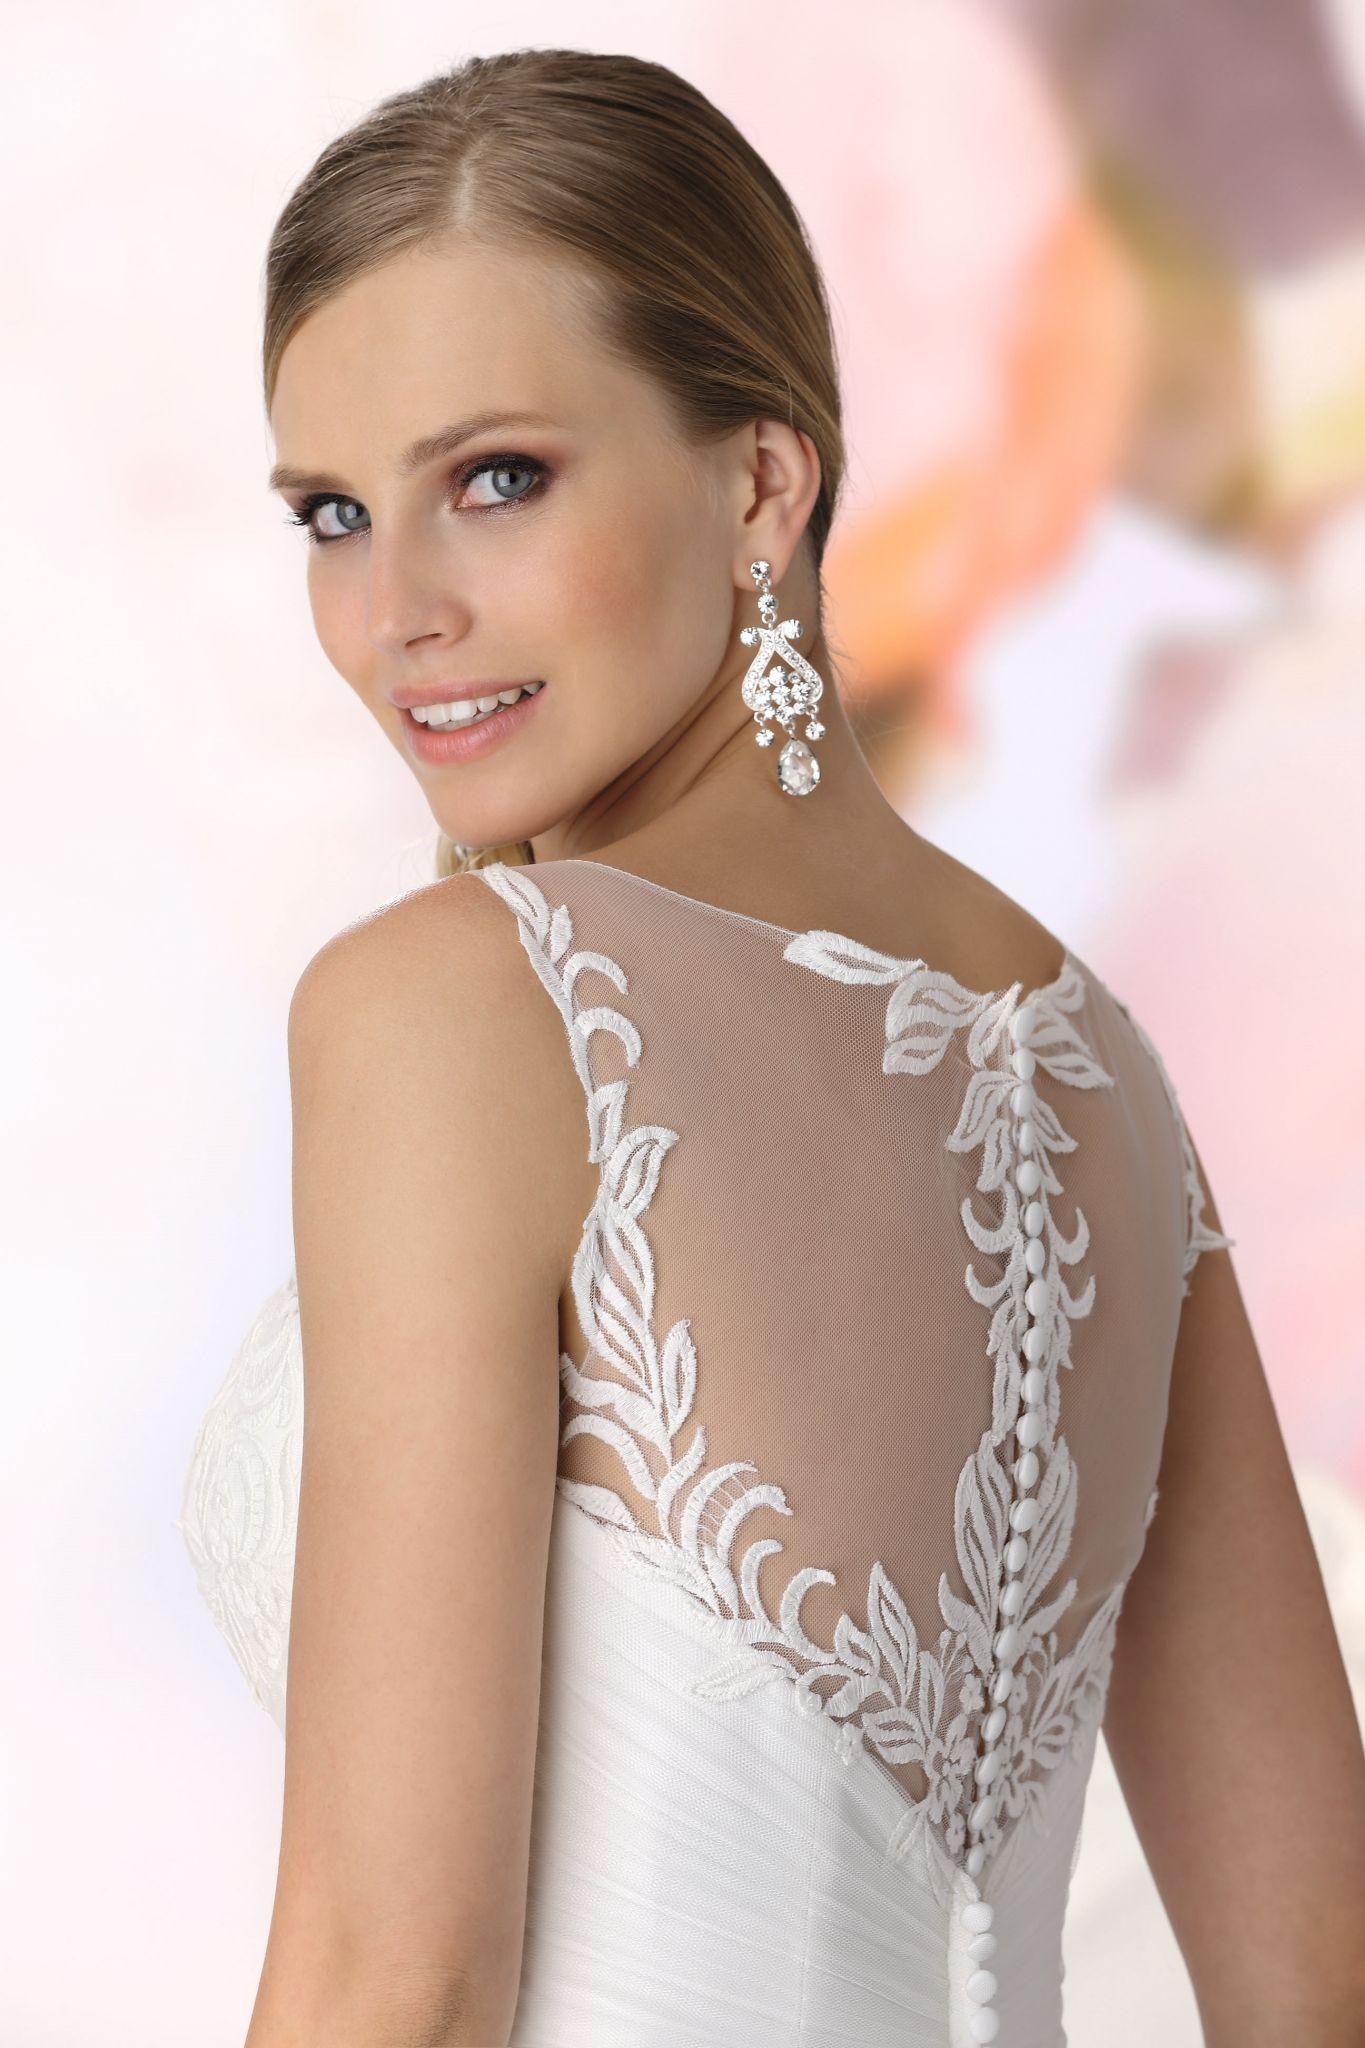 Ungewöhnlich Perfekte Brautkleid Ideen - Hochzeit Kleid Stile Ideen ...